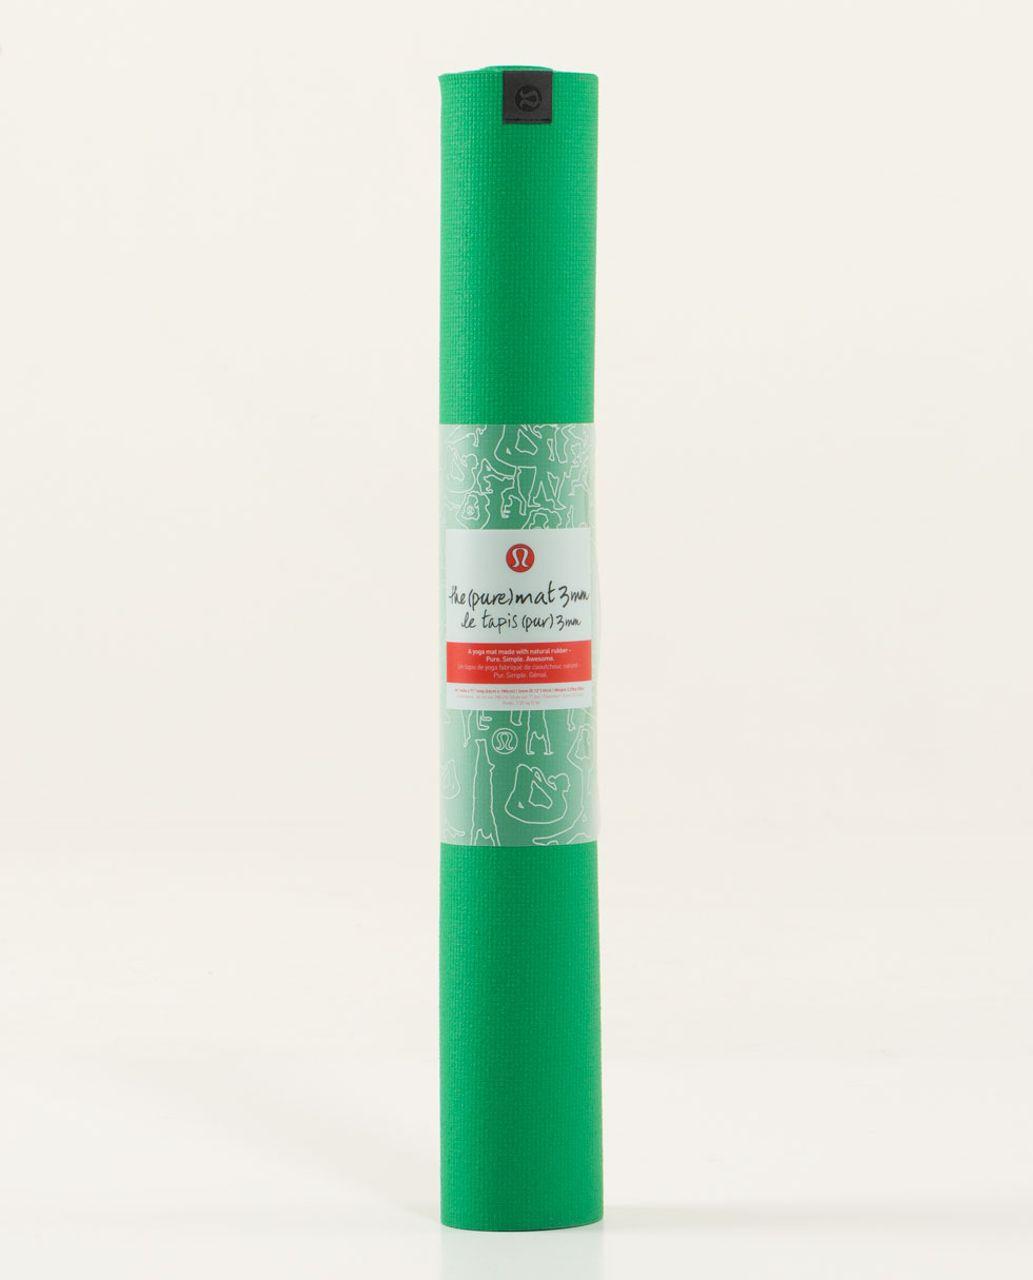 Lululemon The Pure Mat 3mm - Green Bean